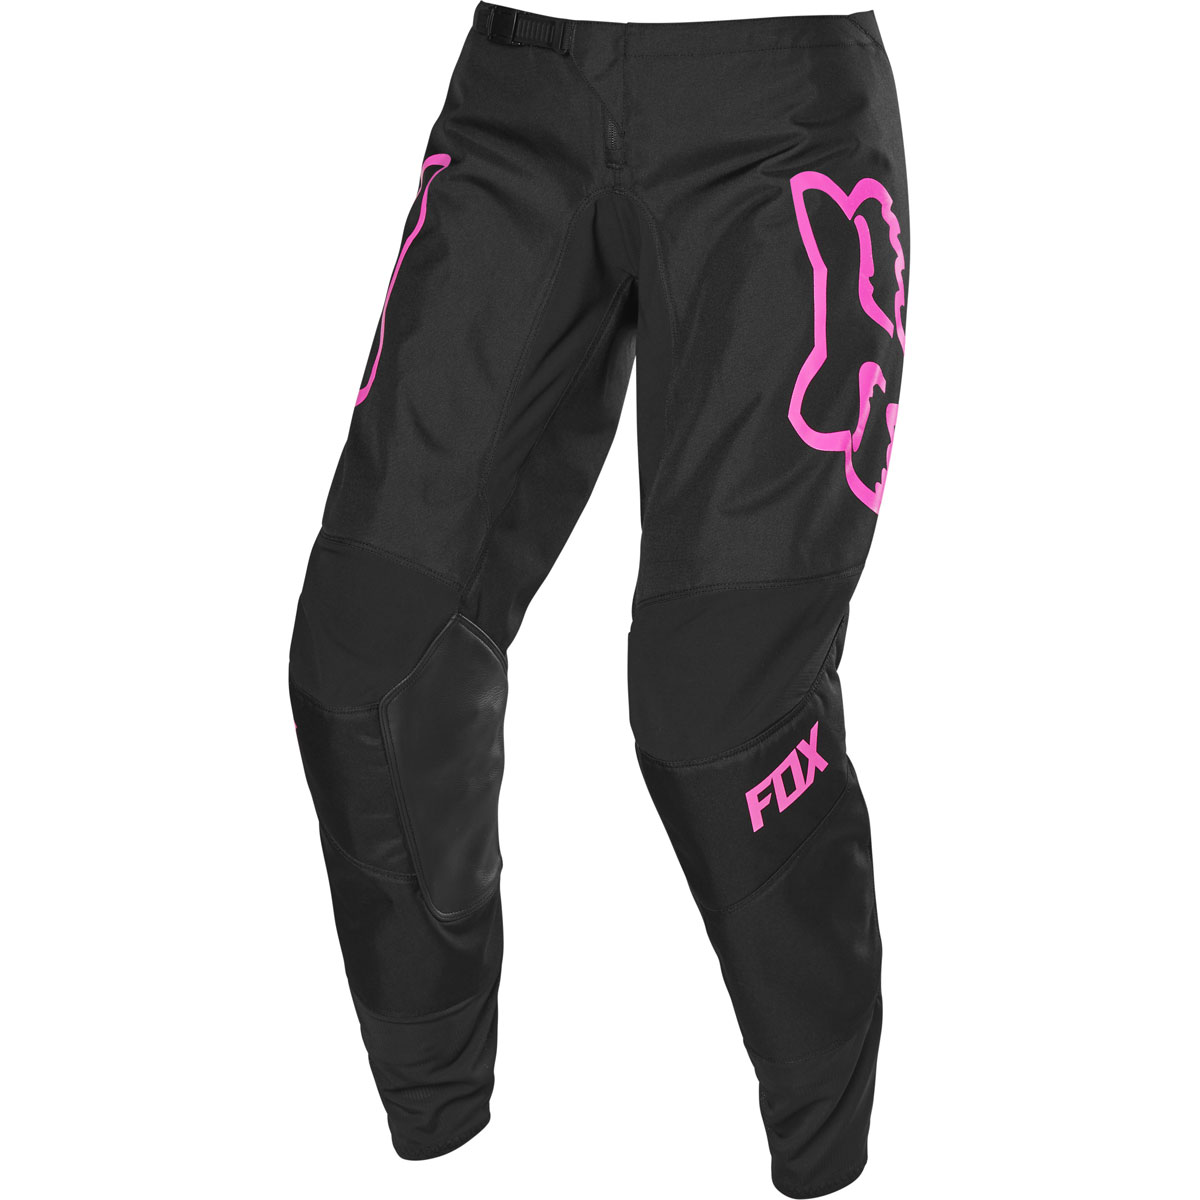 Pantalon FOX 180 2020 Lady Prix Black / Pink